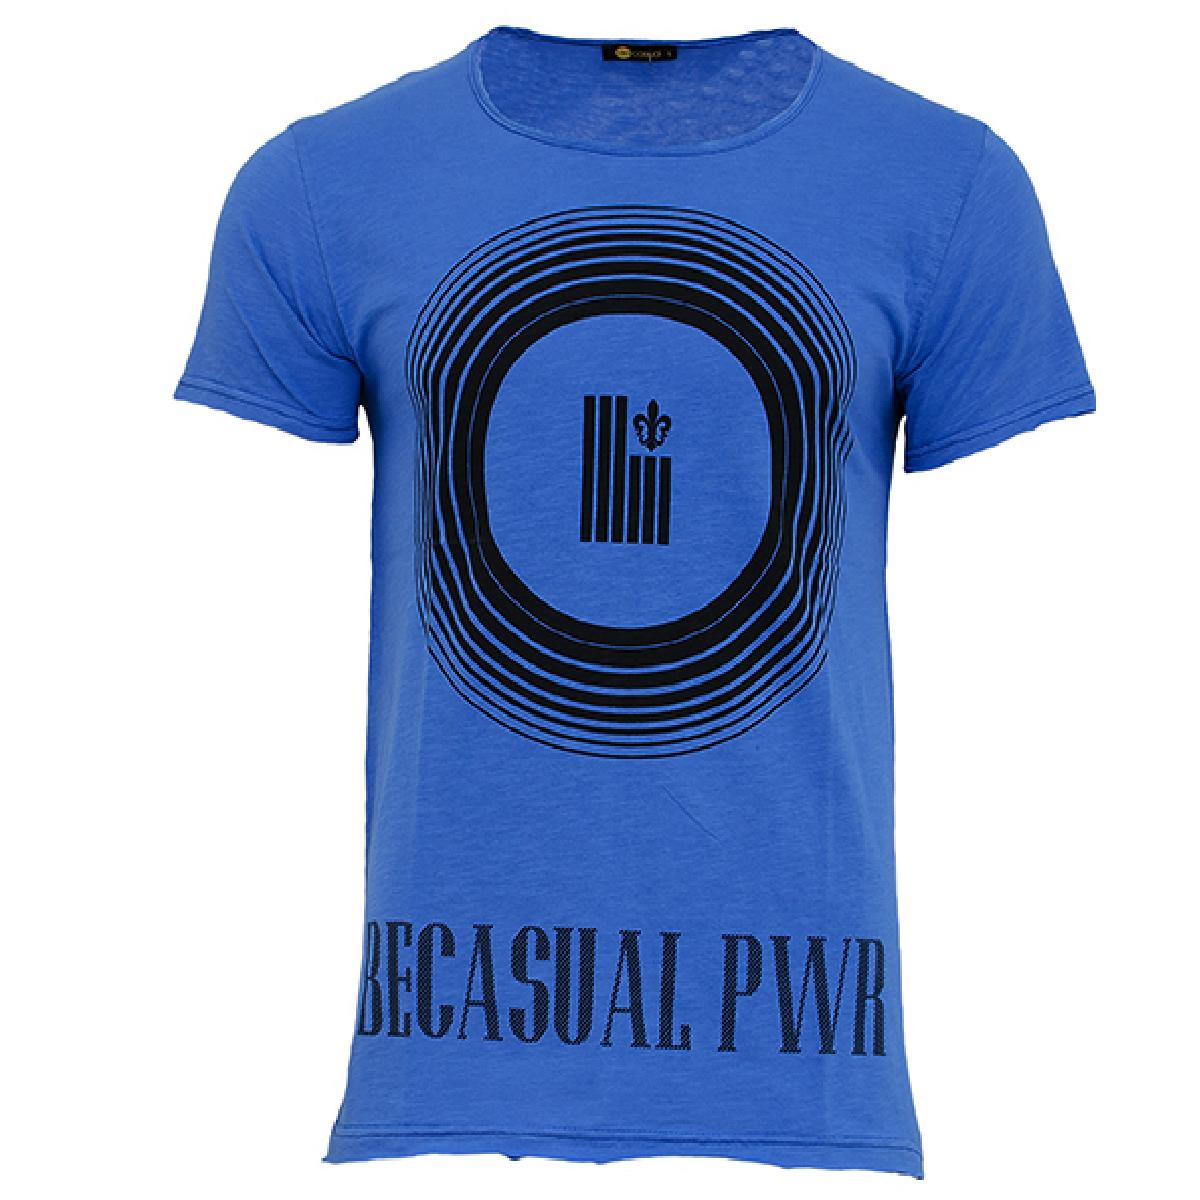 Ανδρικό T-shirt Becasual PWR-Μπλε αρχική ανδρικά ρούχα t shirts